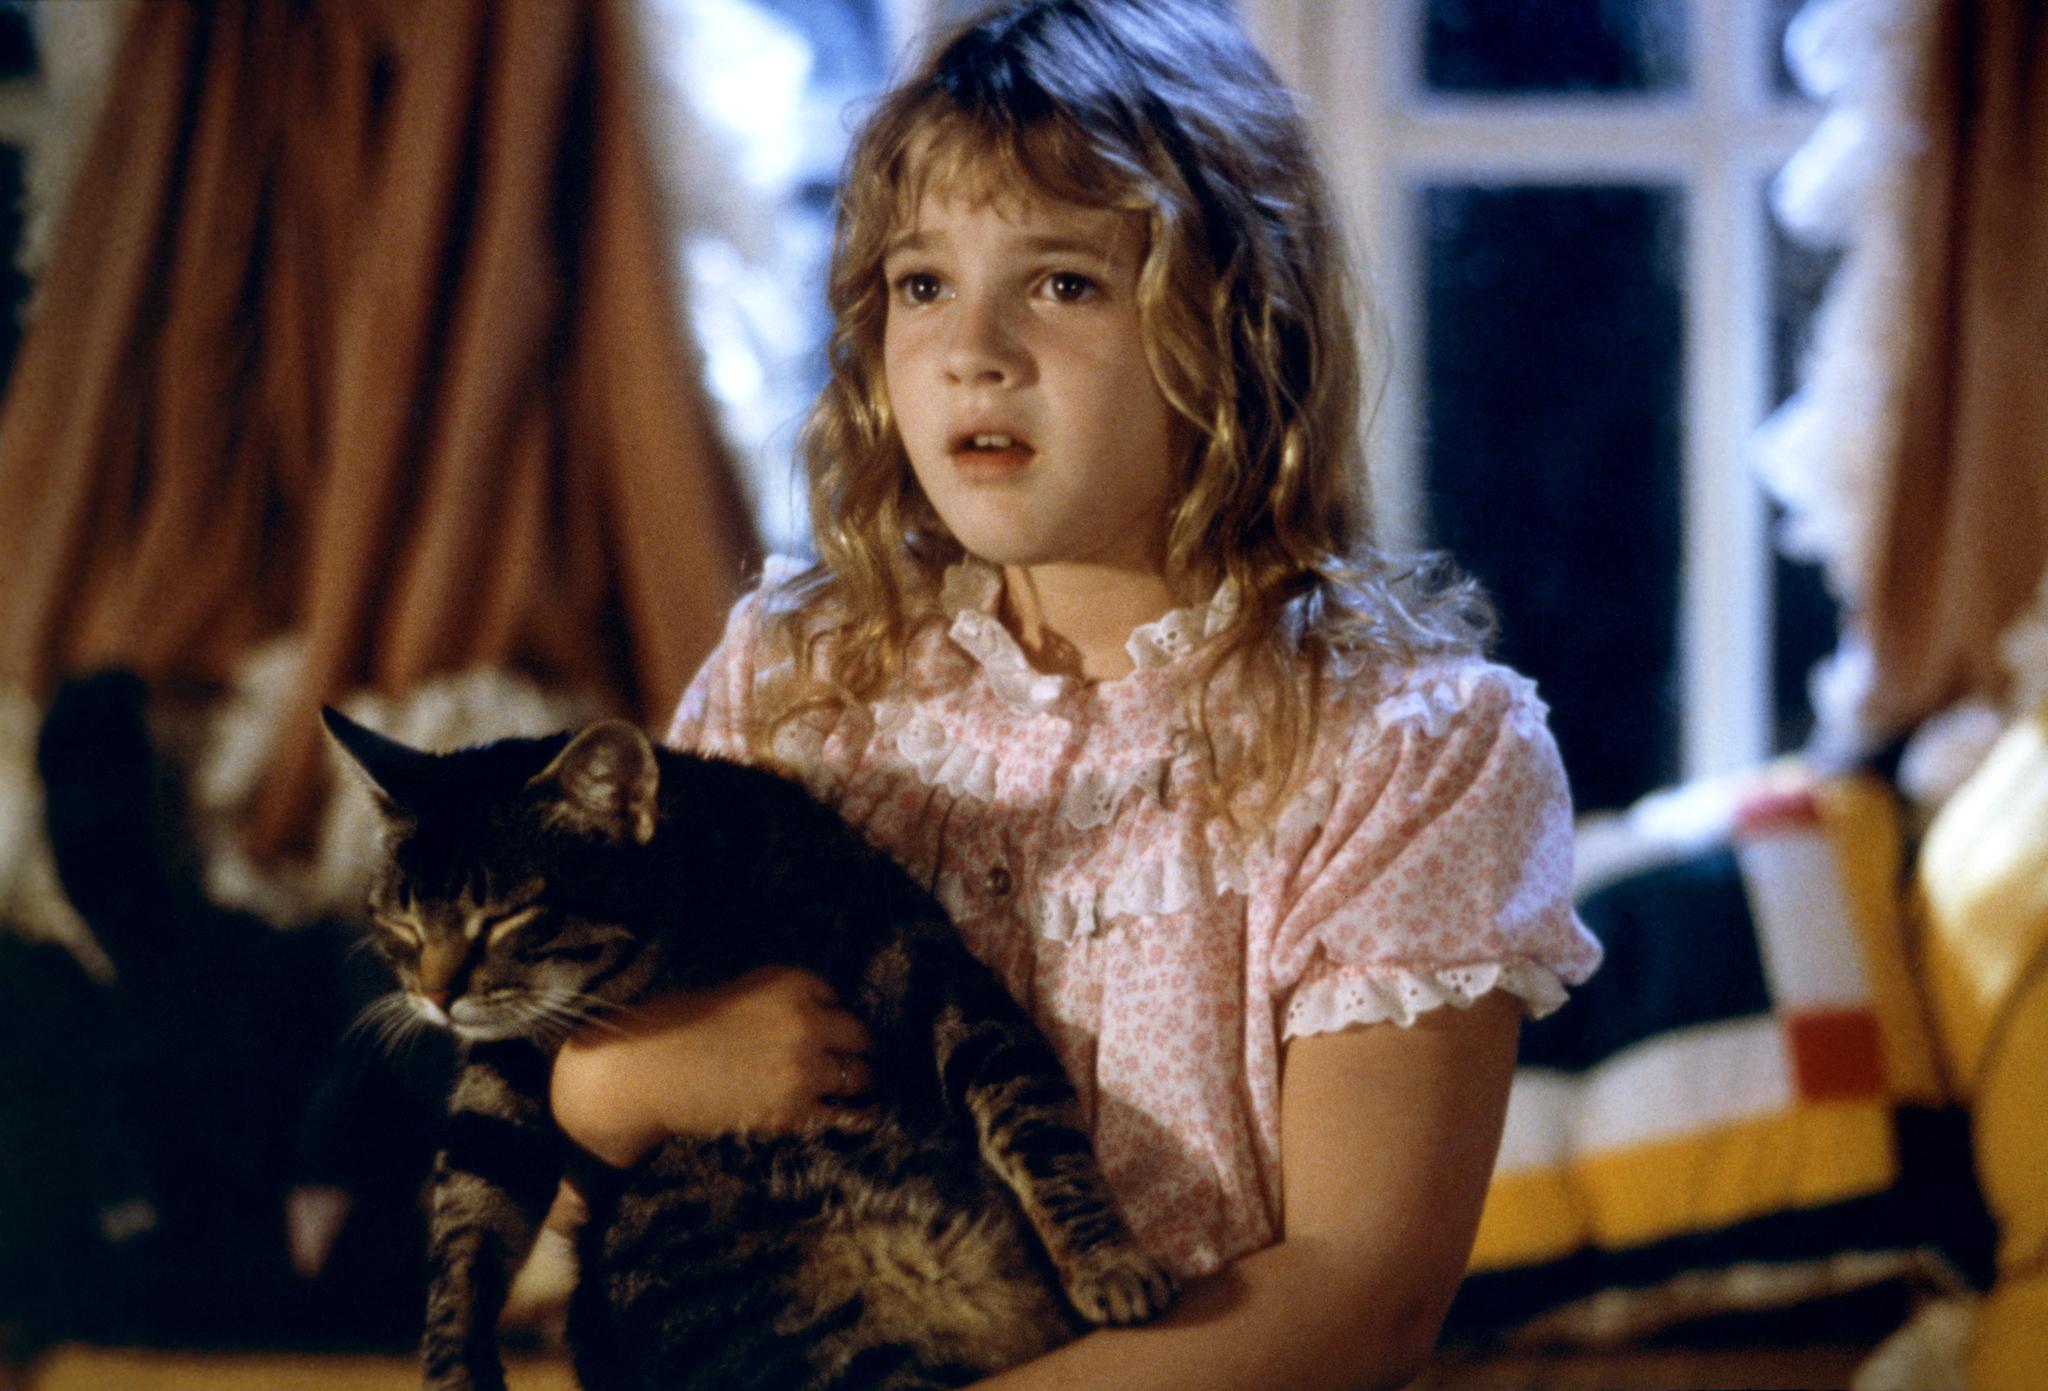 Drew Barrymore in Cat's Eye (1985)